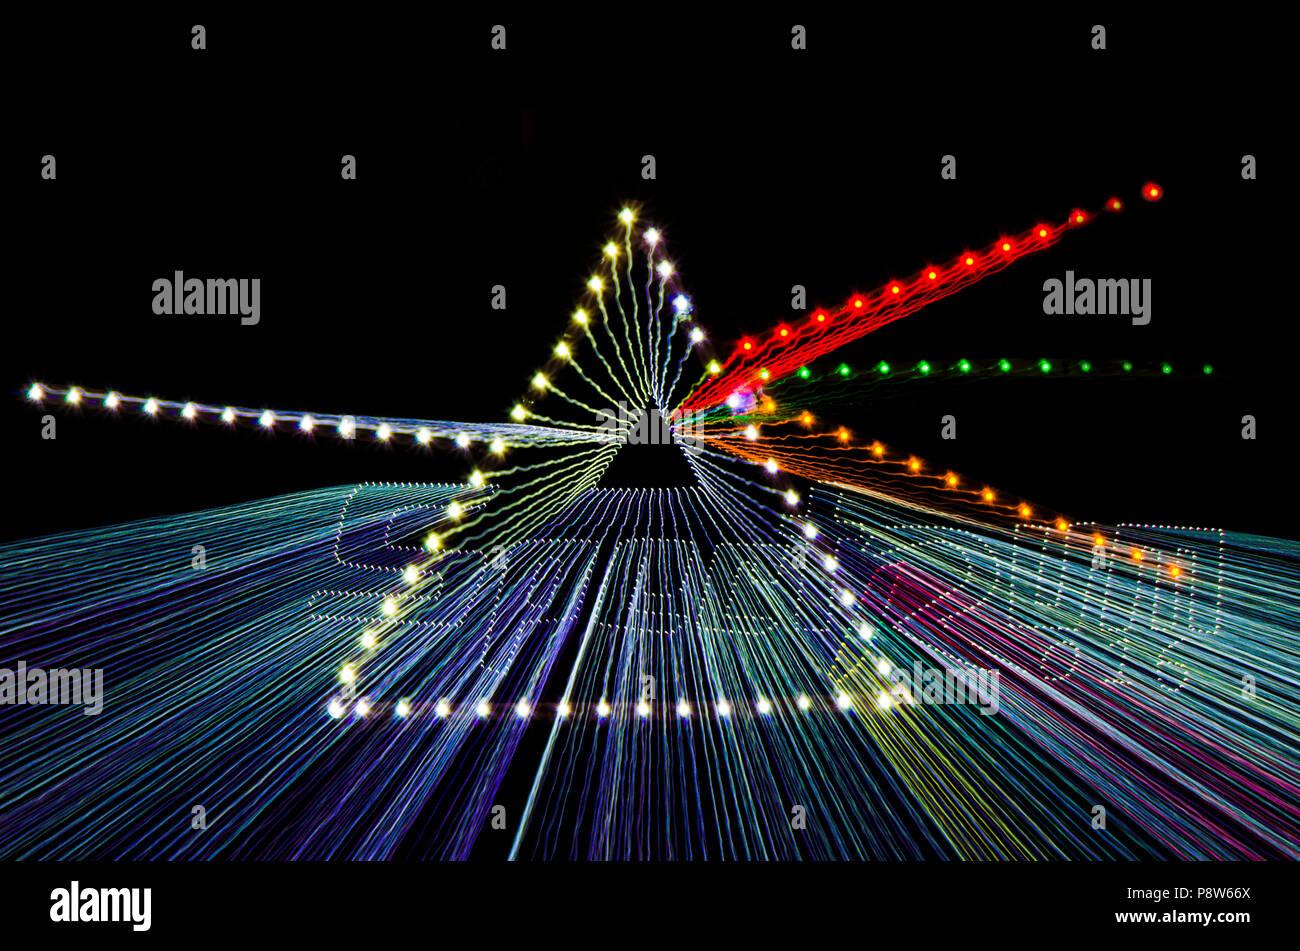 Burst zoom image illusoire, de la notion de dispersion de la lumière blanche à travers un prisme a présenté à l'aide de différentes ampoules LED couleur sur fond noir. Photo Stock